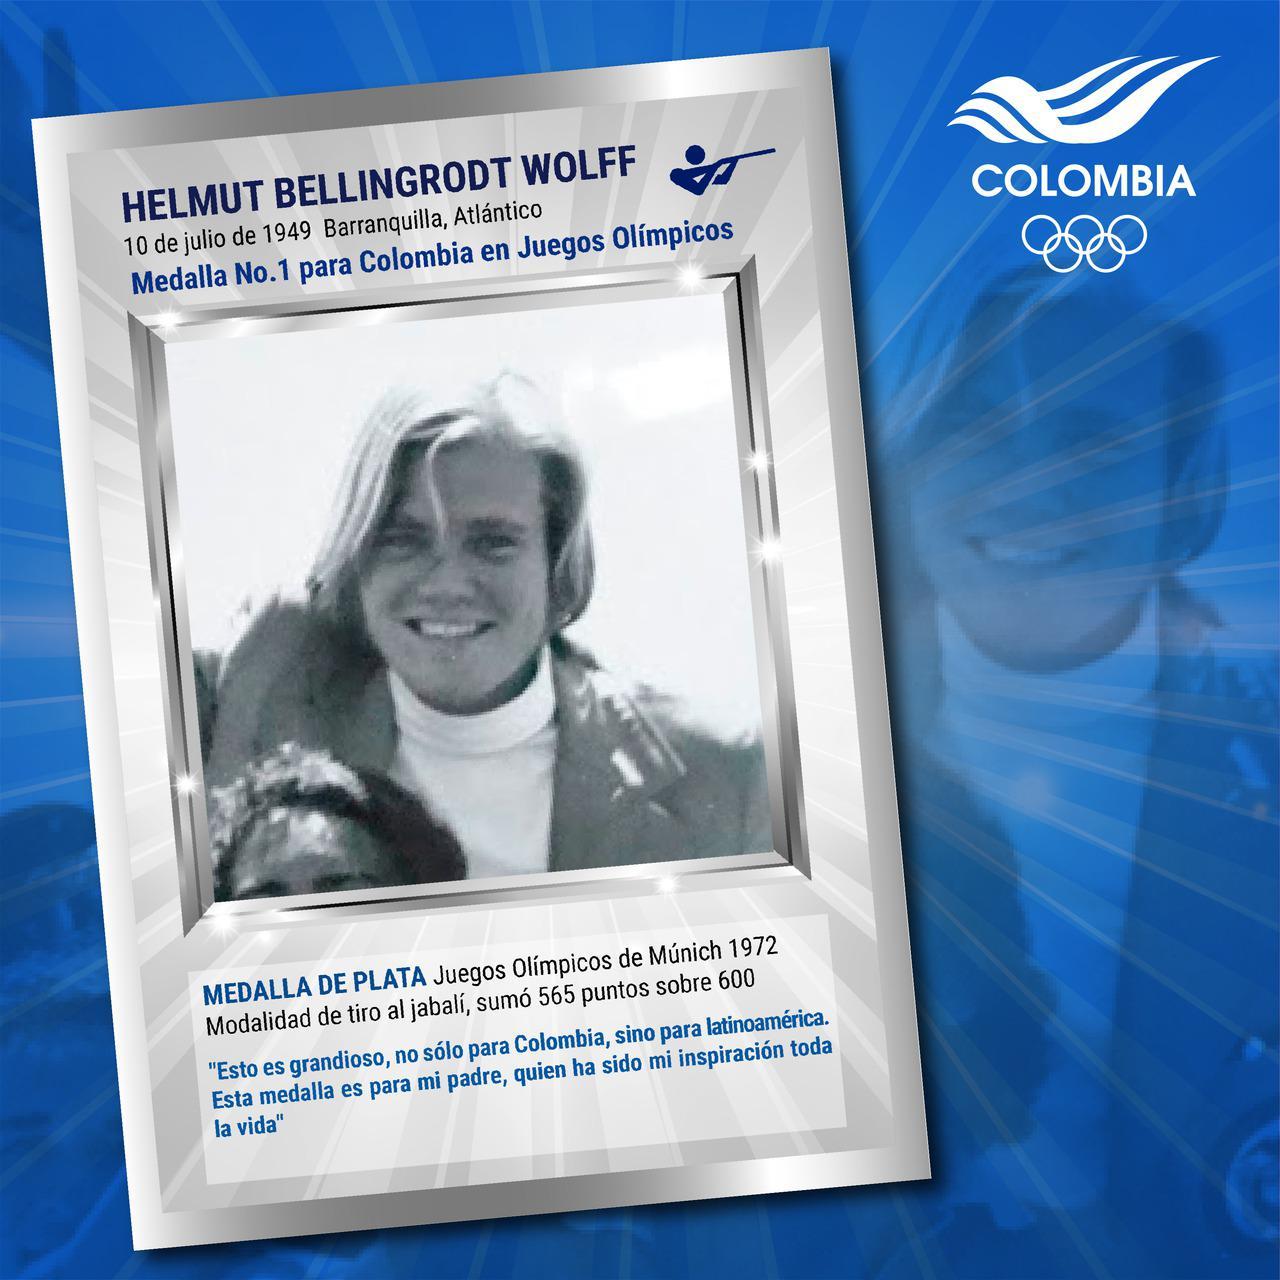 Helmut Bellingrodt